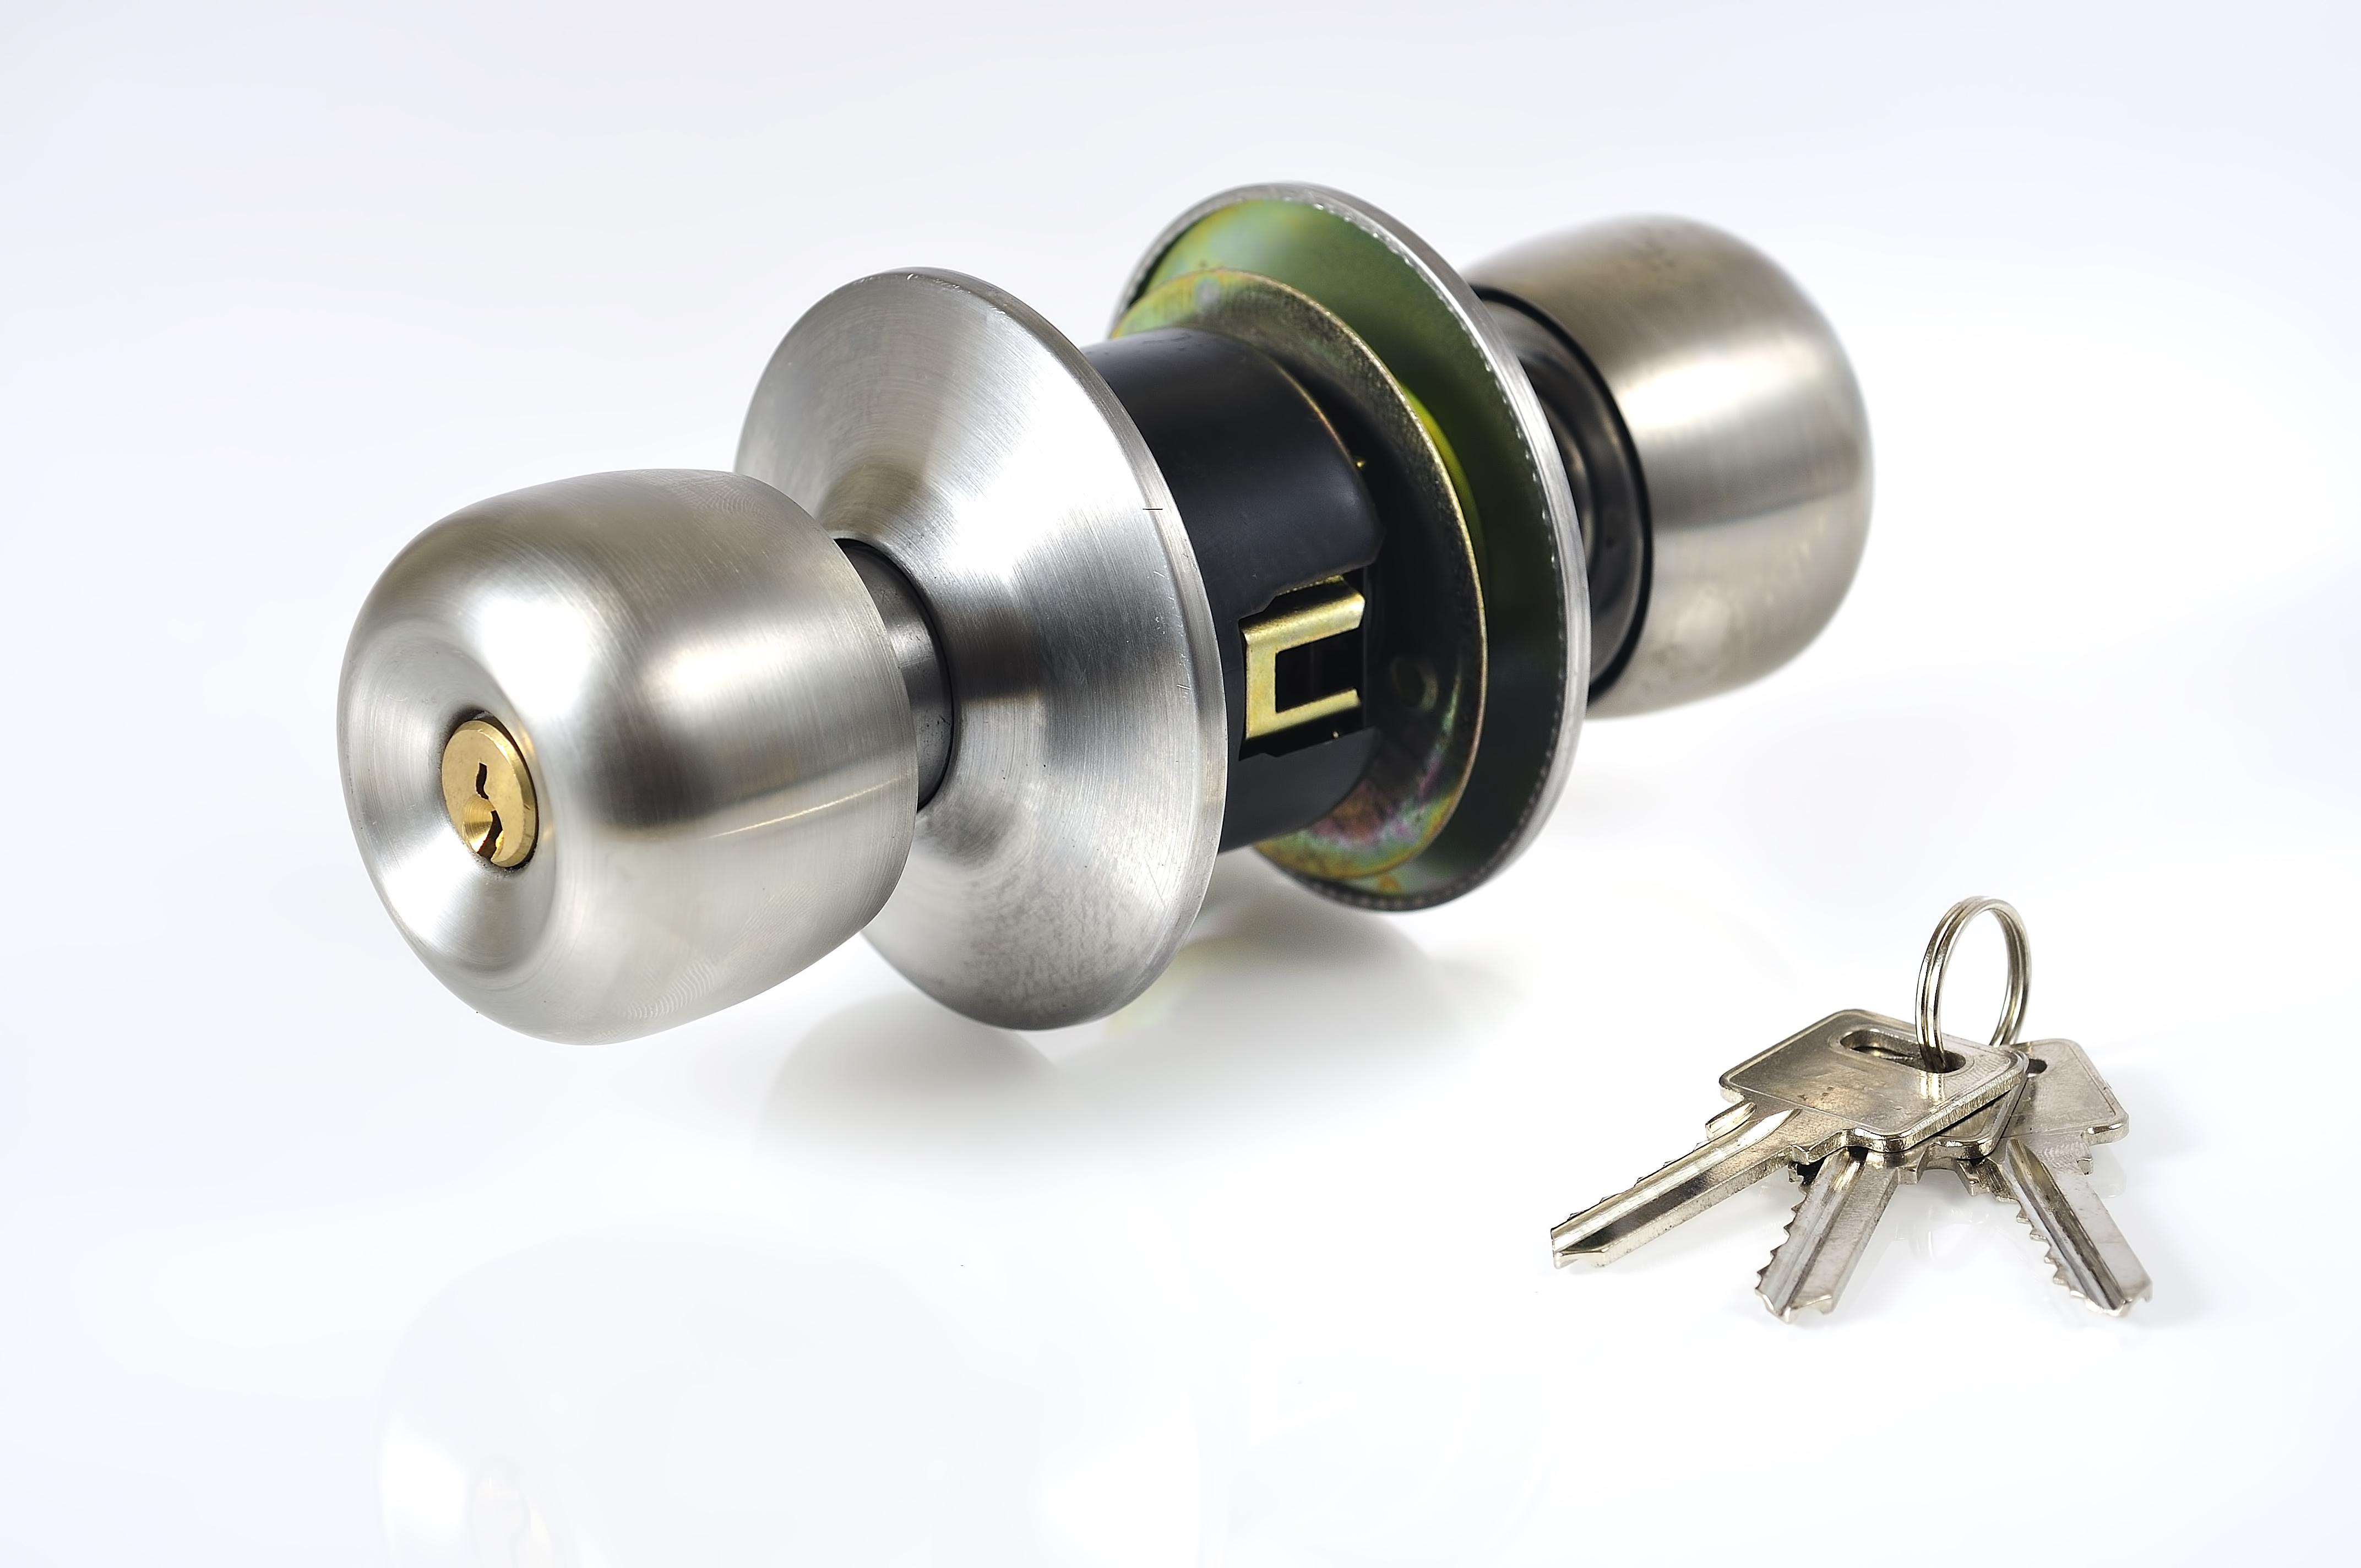 ドア 交換 | ドアノブ修理・交換の種類別 金額・費用相場とポイント